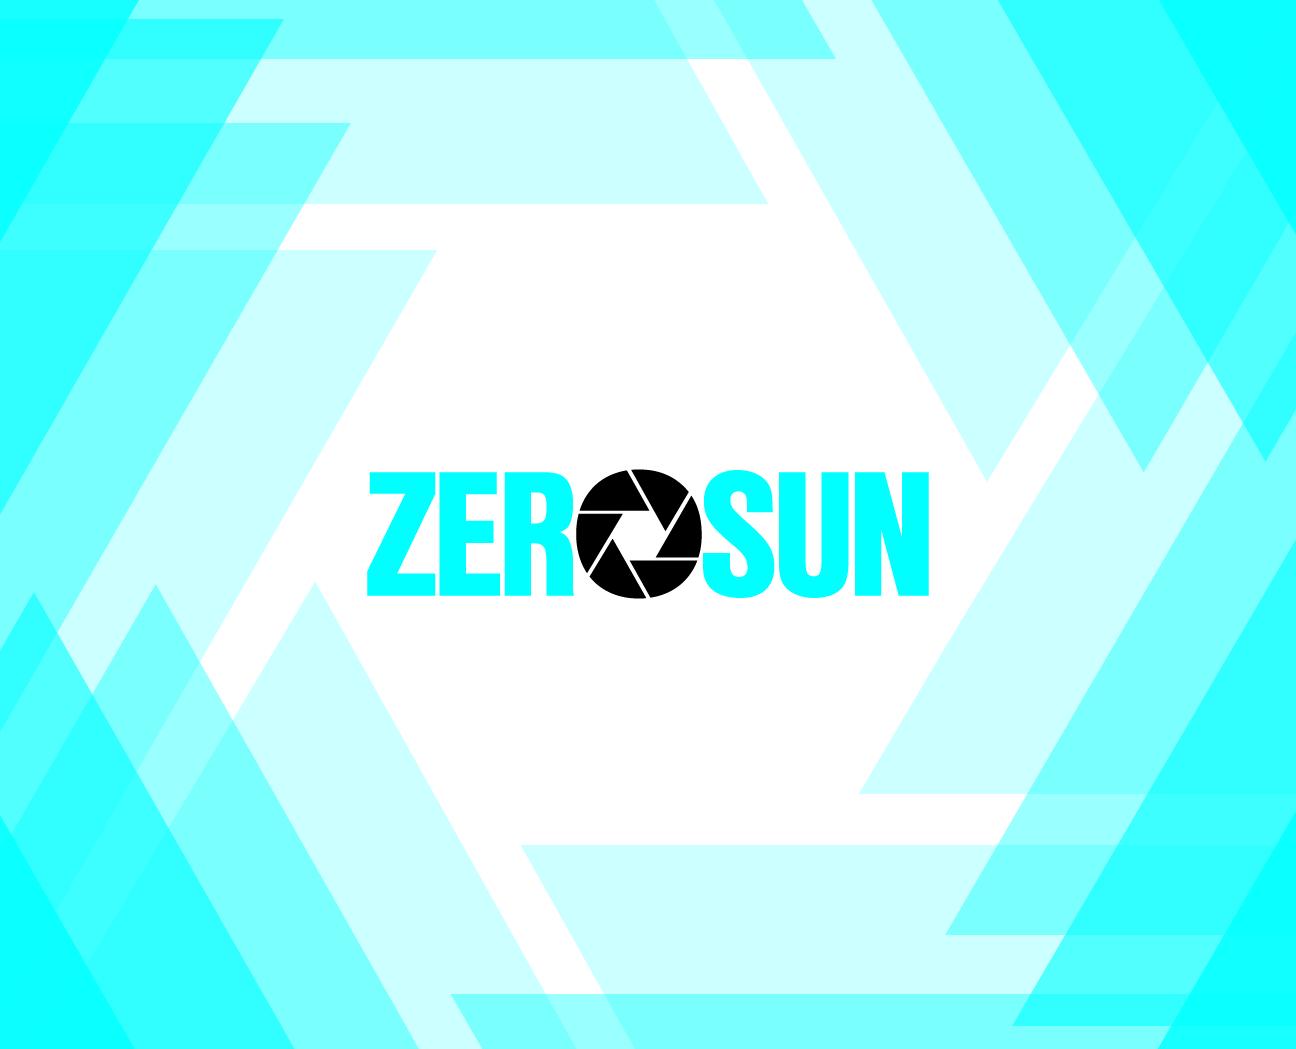 Zerosun Creative Logo